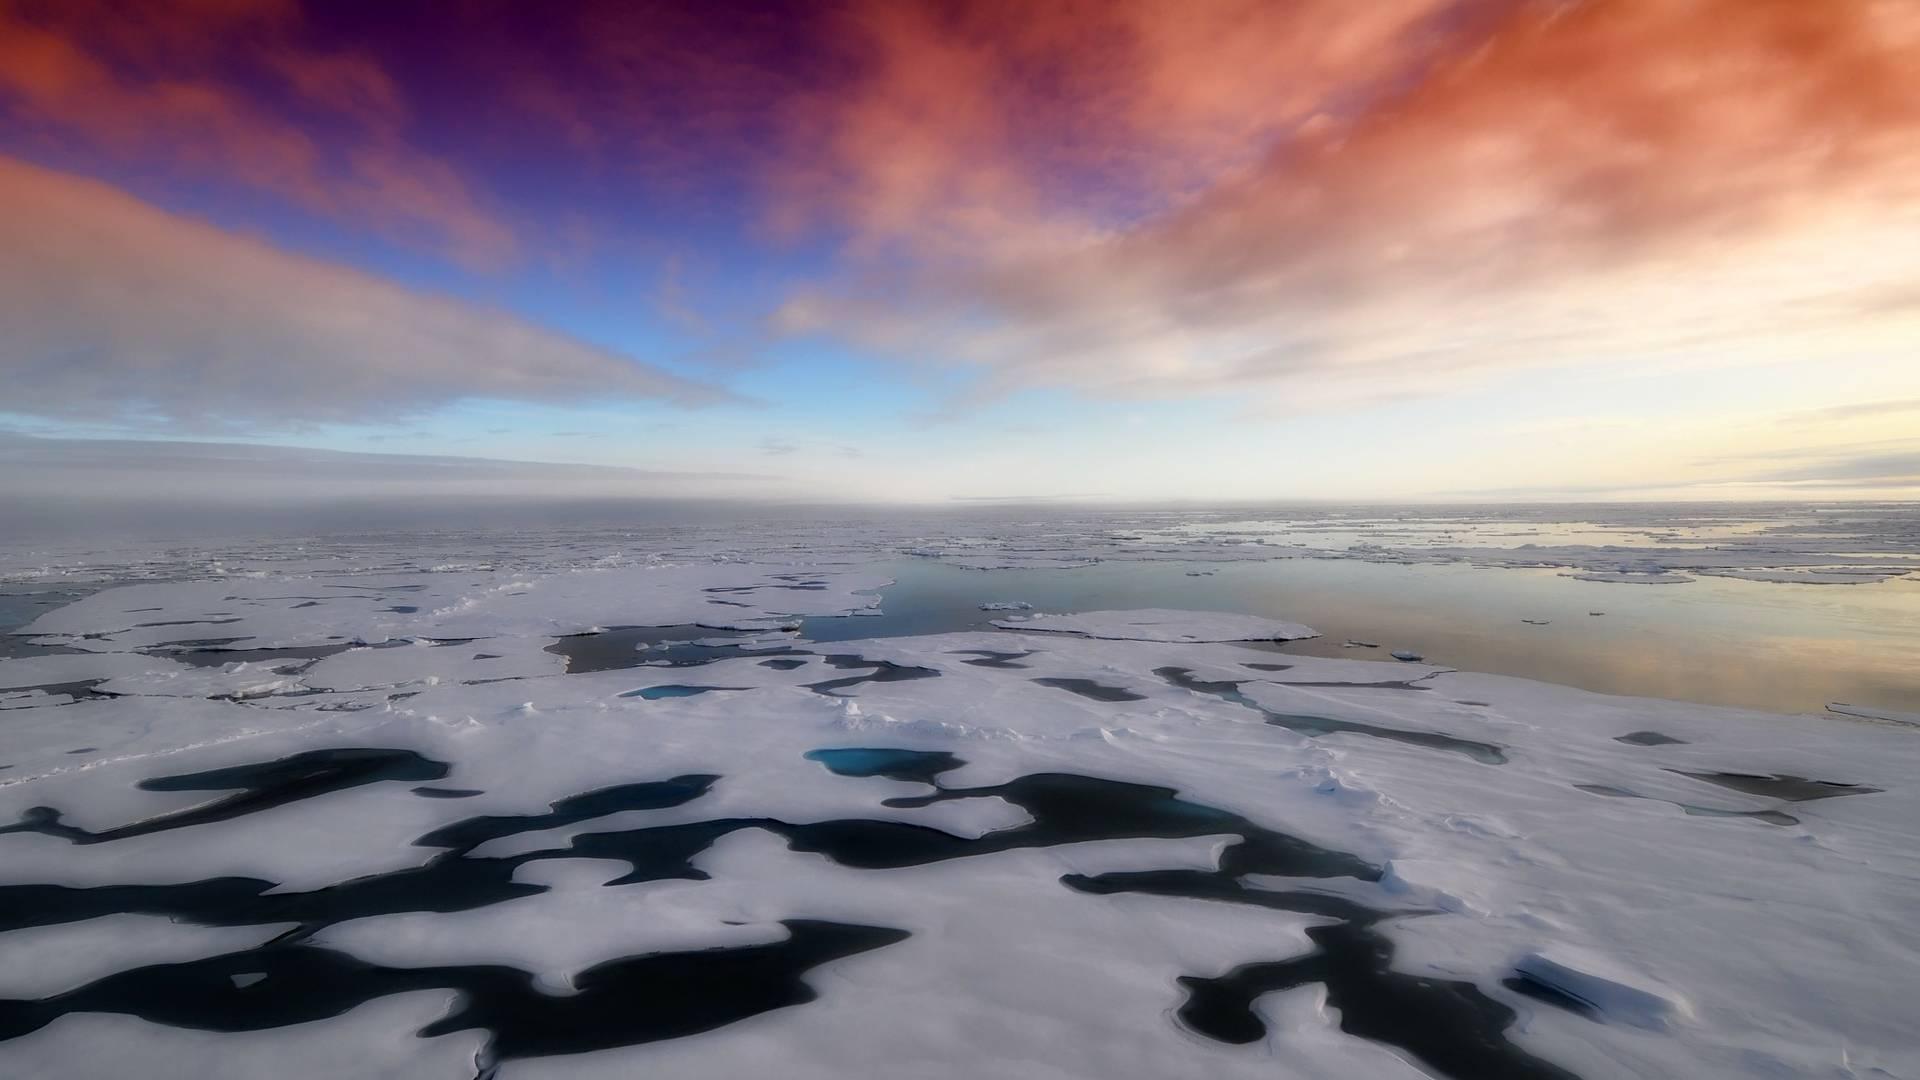 Eiskappen die schmelzen deformieren die Erde!